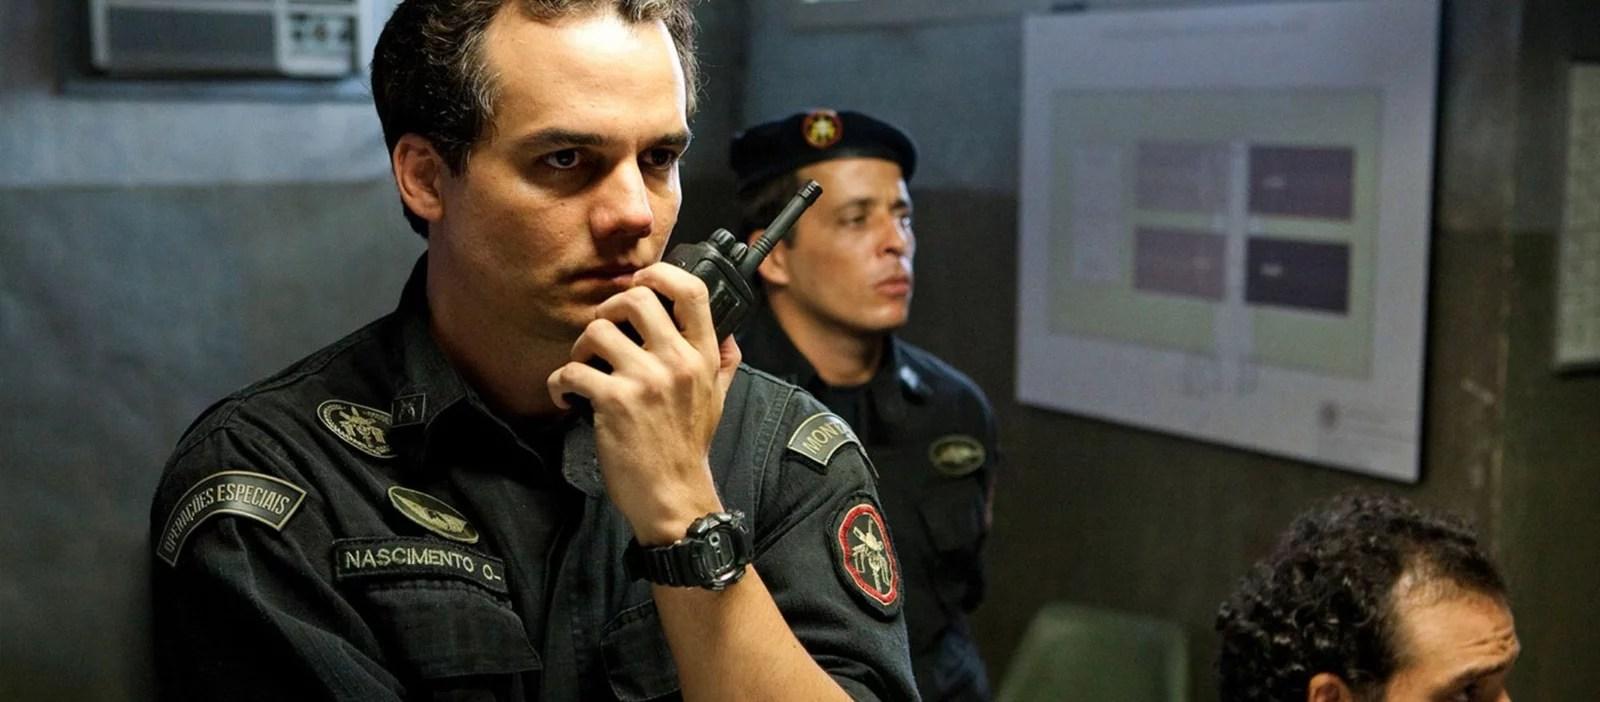 Capitão Nascimento em cena do filme Tropa de Elite pensando com a mão no queixo